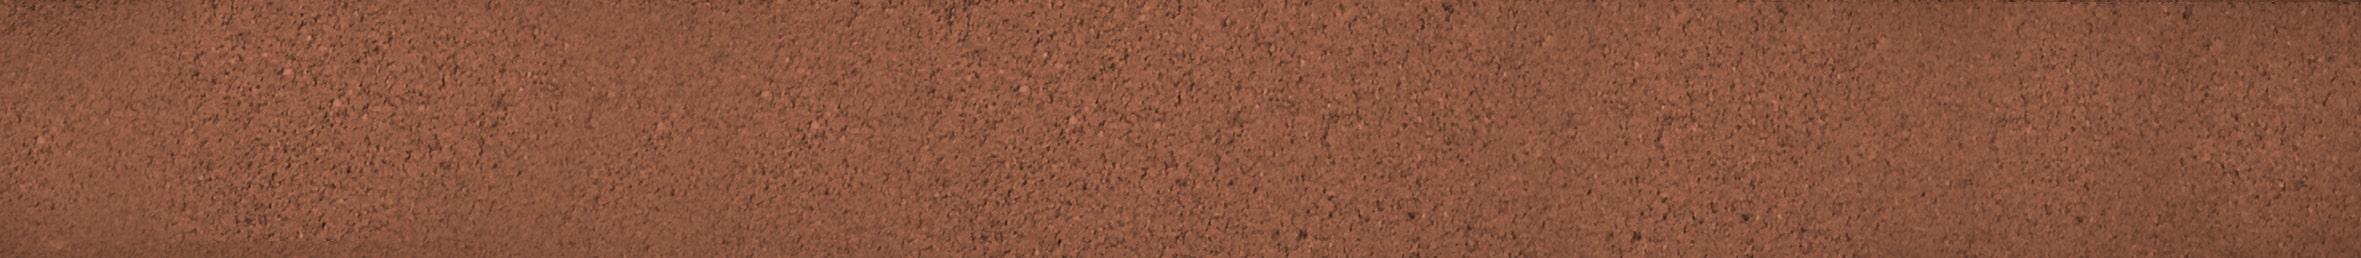 Fugenmörtel - Fugenfarbe 1018